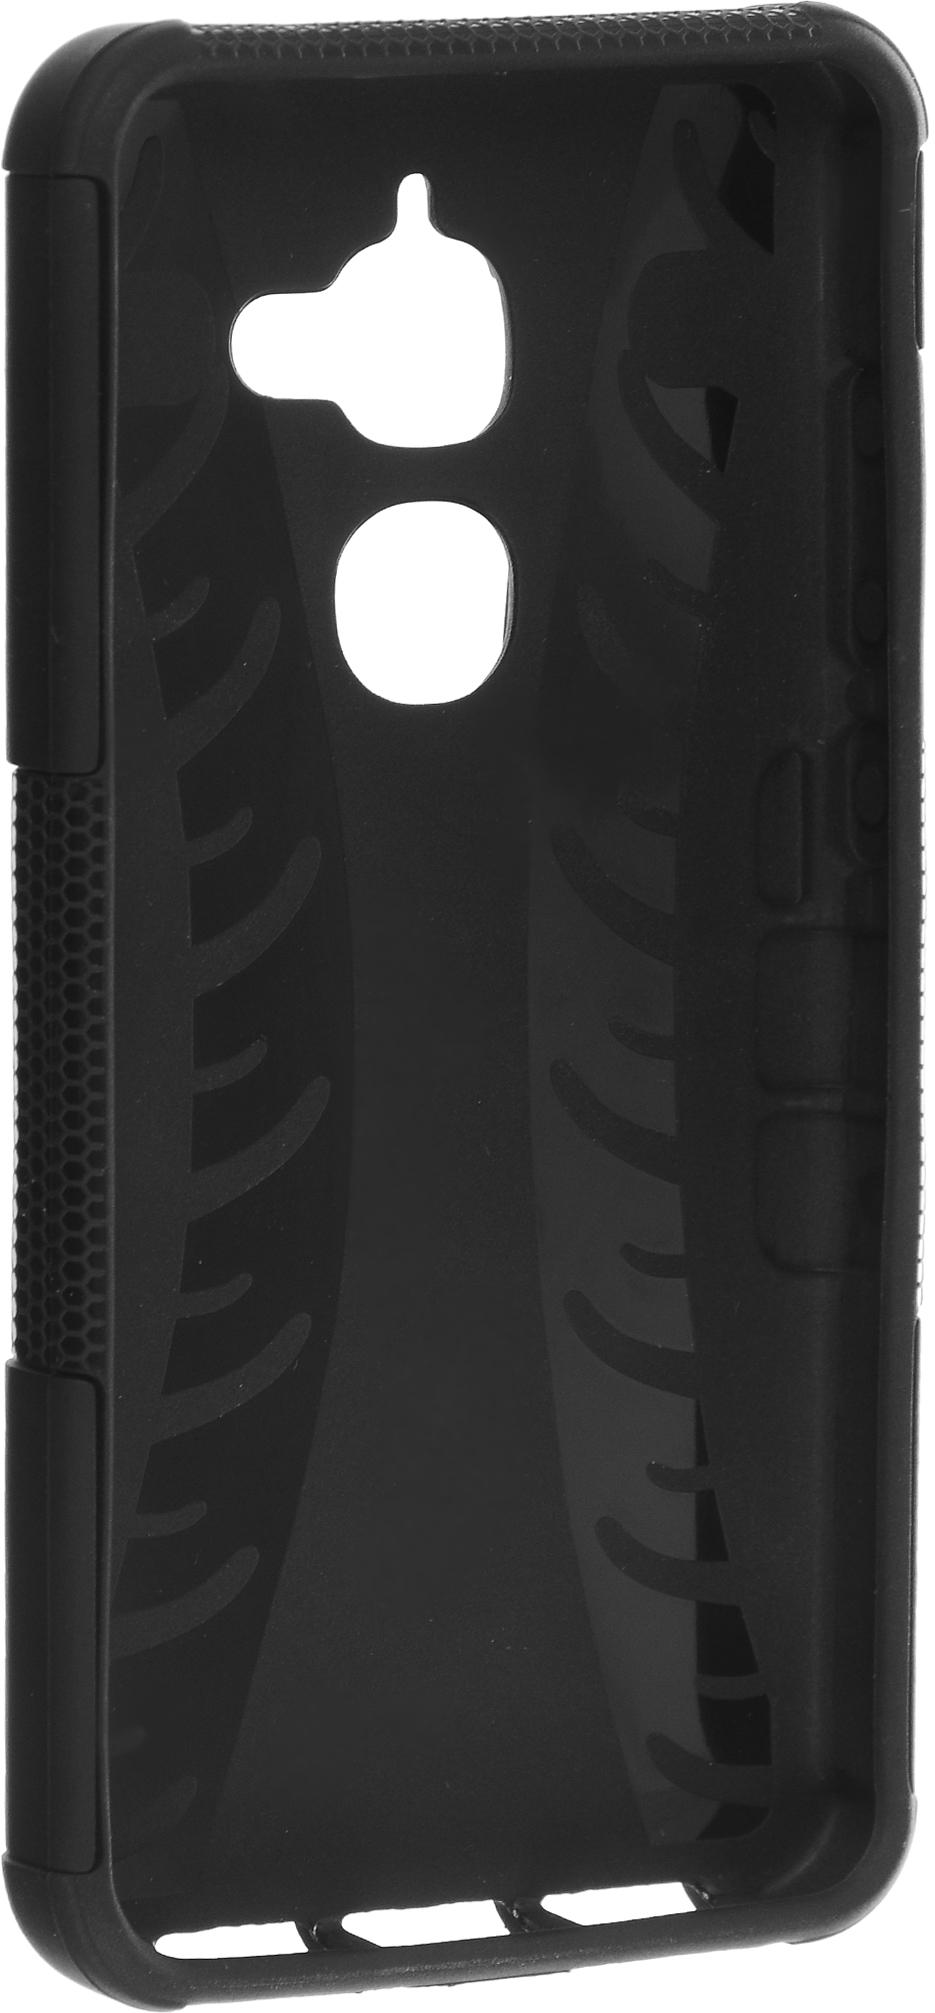 Skinbox Defender Case чехол-накладка для LeEco Le 2 Pro, Black2000000111162Чехол-накладка Skinbox Defender Case для LeEco Le 2 Pro бережно и надежно защитит ваш смартфон от пыли, грязи, царапин и других повреждений. Выполнен из высококачественного поликарбоната, плотно прилегает и не скользит в руках. Чехол-накладка оставляет свободным доступ ко всем разъемам и кнопкам устройства.